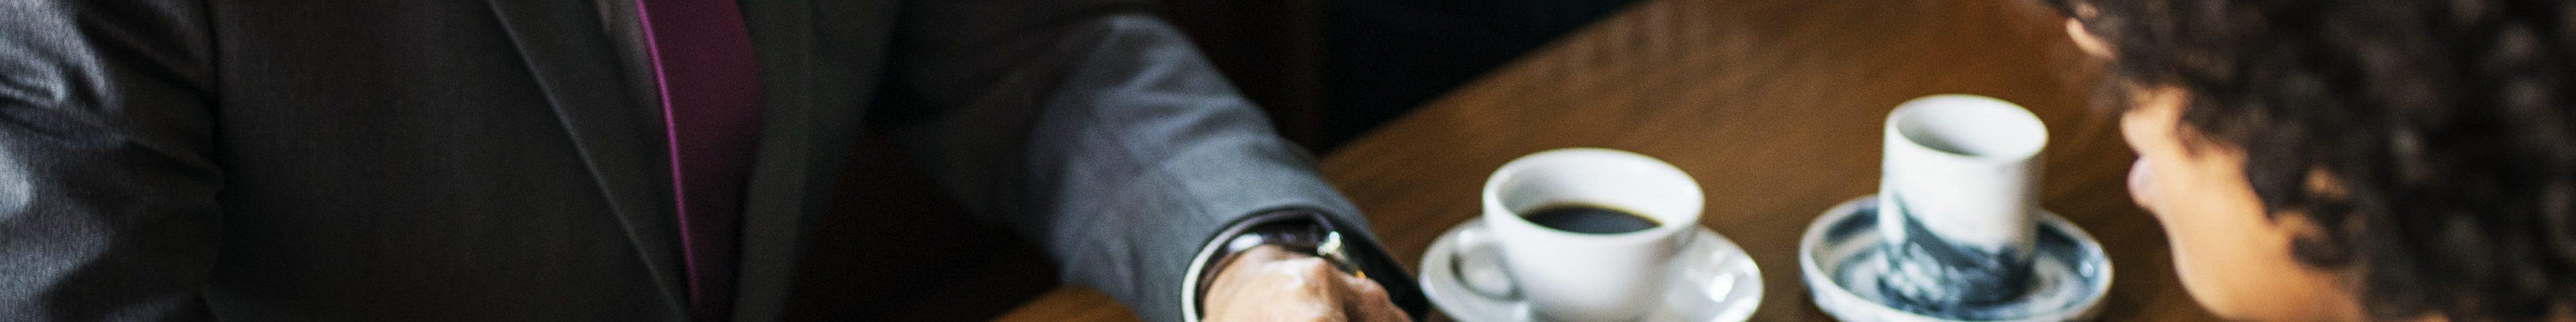 Prepara tu entrevista de trabajo: guía de preguntas frecuentes